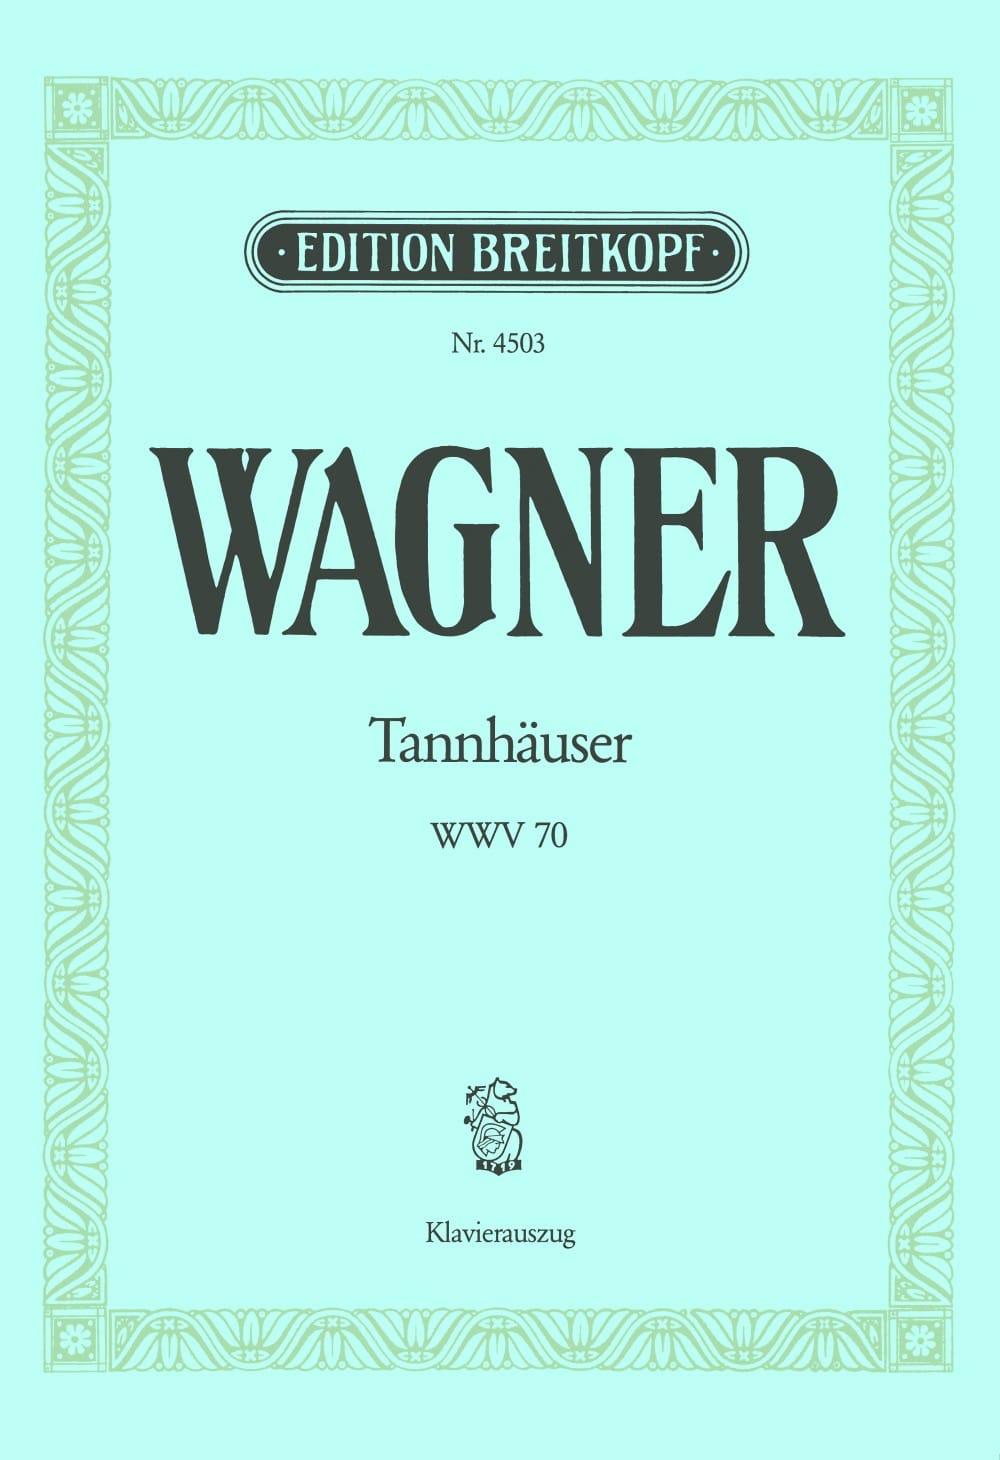 Richard Wagner - Tannhäuser Wwv 70 - Partition - di-arezzo.com